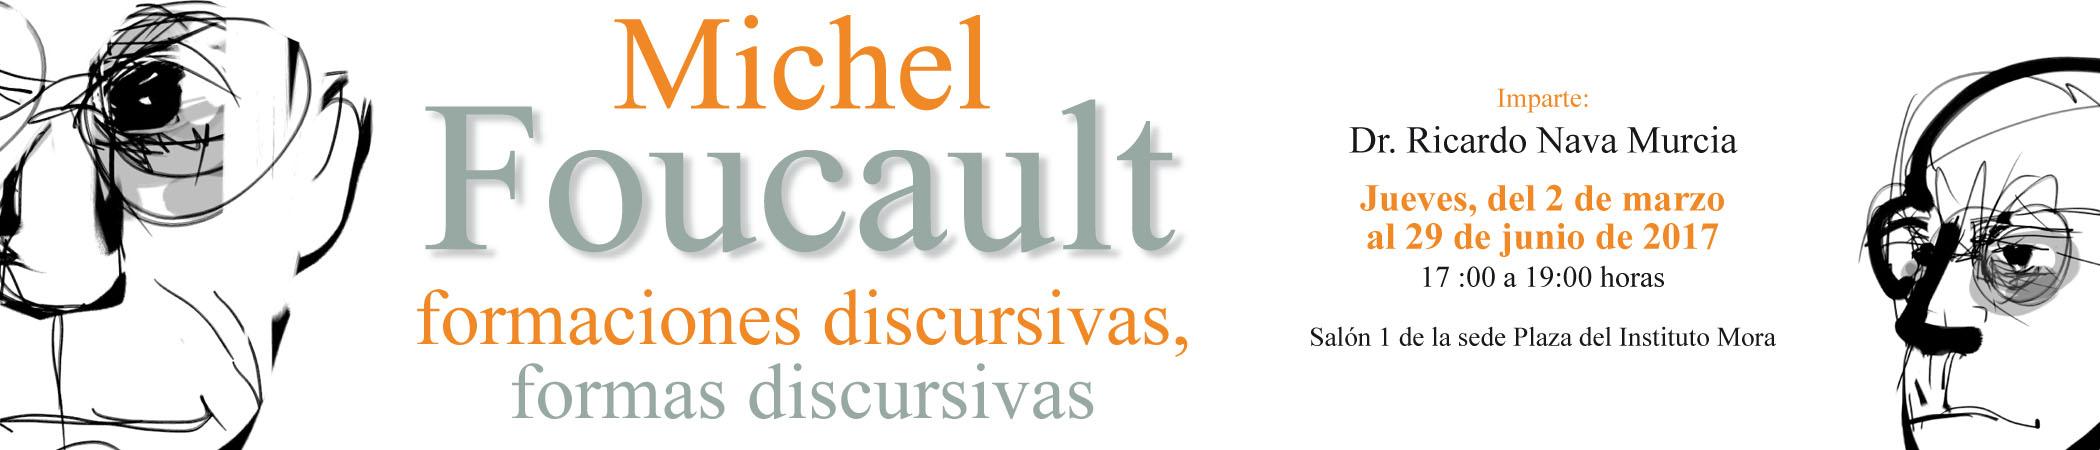 Curso Michel Foucault: formaciones discursivas, formas discursivas